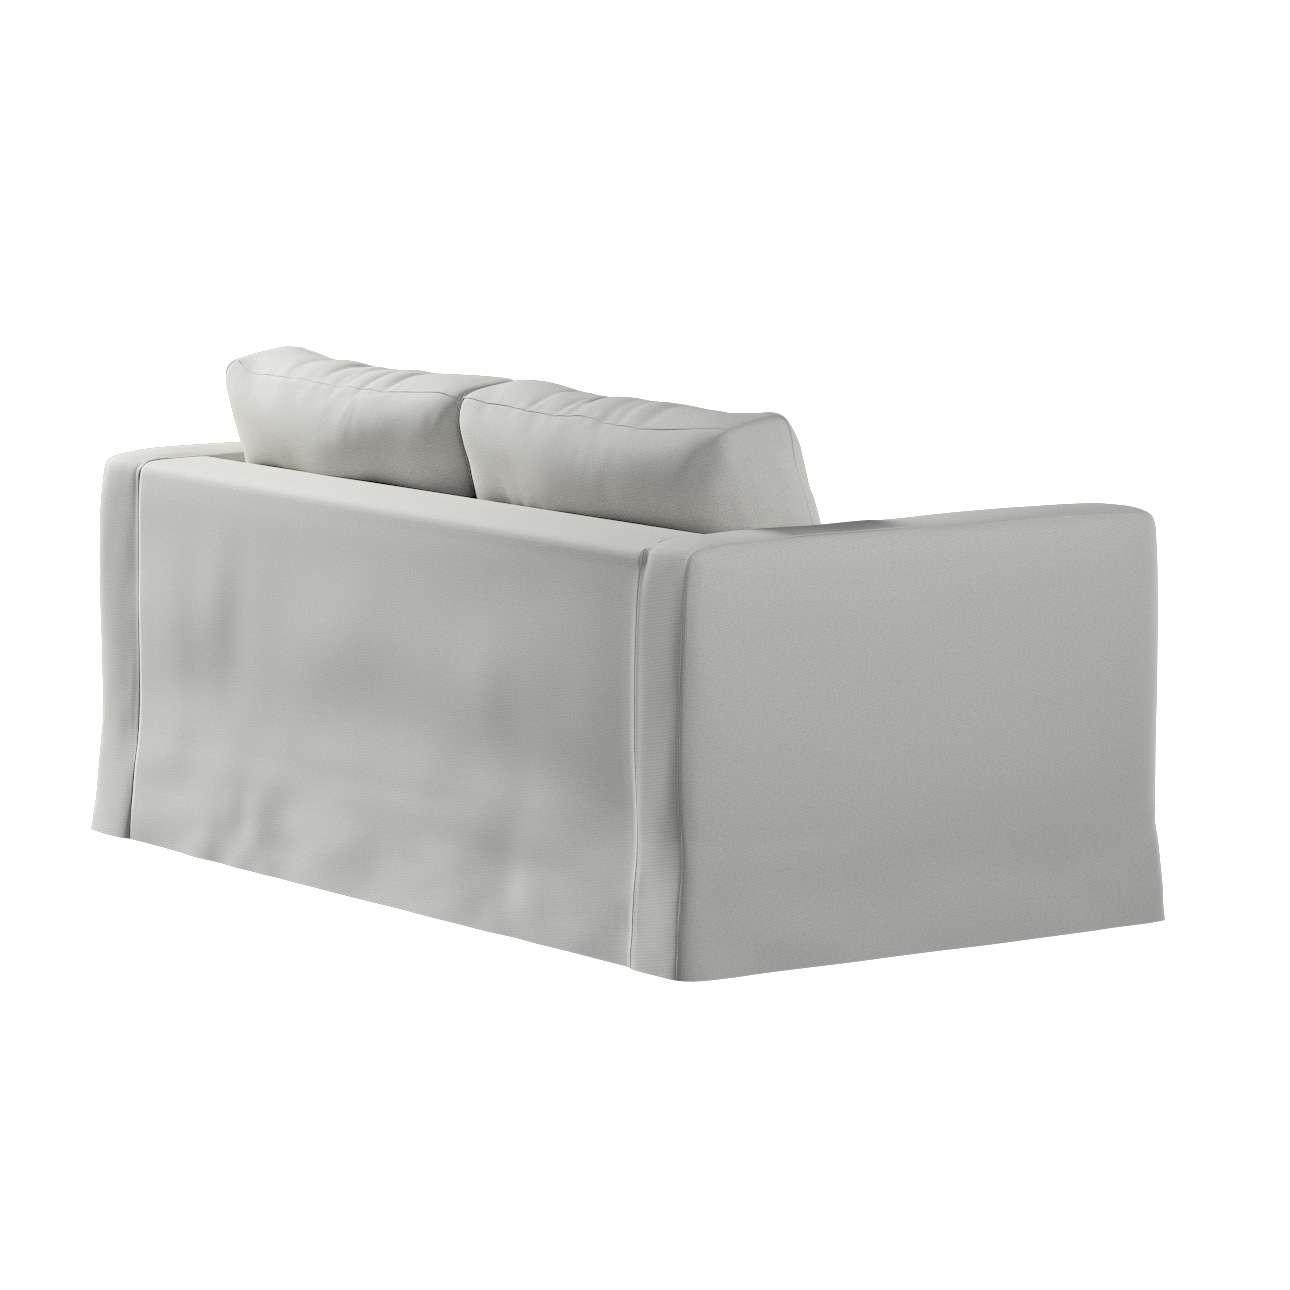 Pokrowiec na sofę Karlstad 2-osobową nierozkładaną długi w kolekcji Etna, tkanina: 705-90